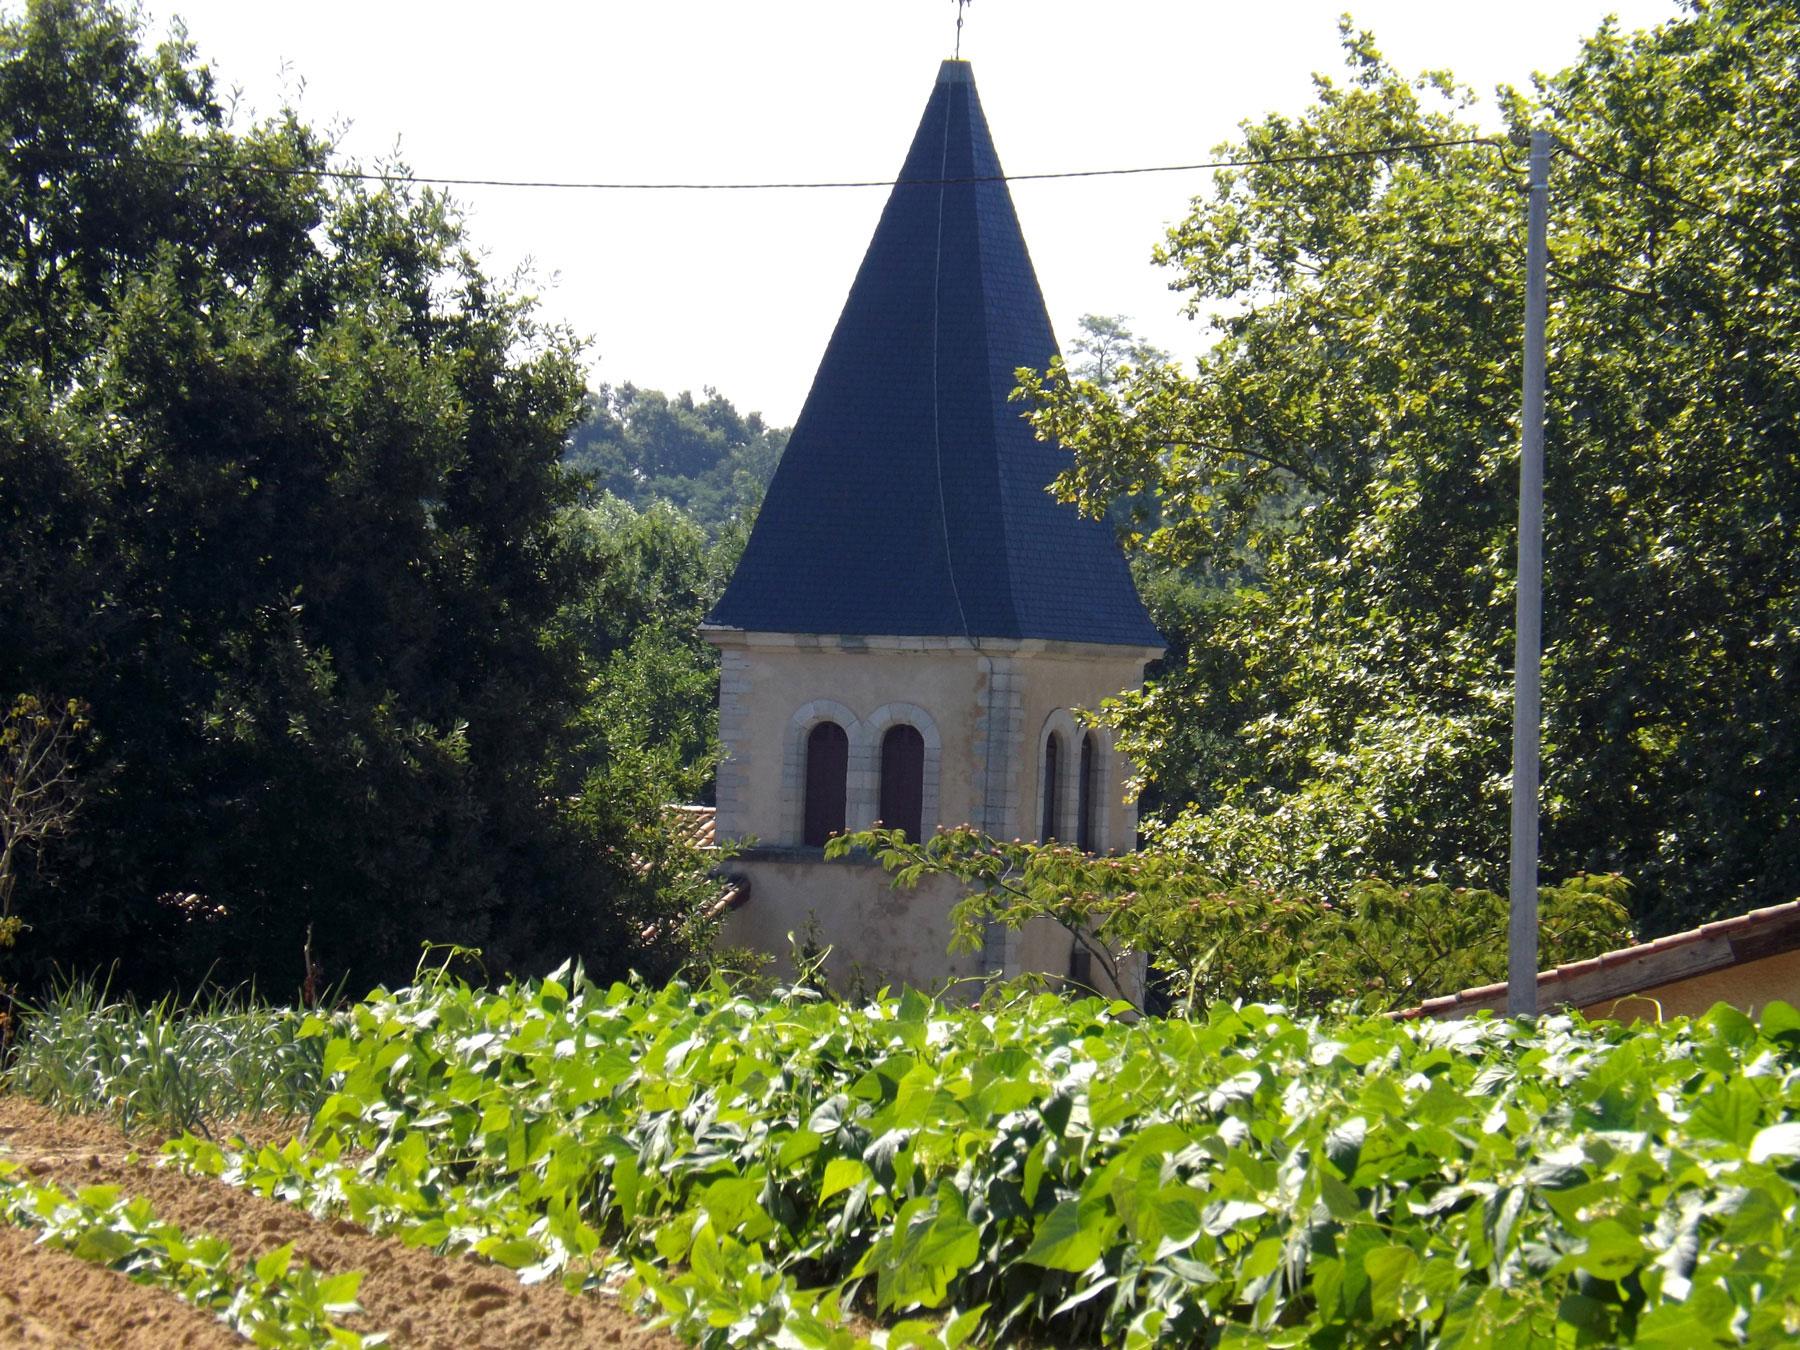 Clocher de l'église de Cagnotte